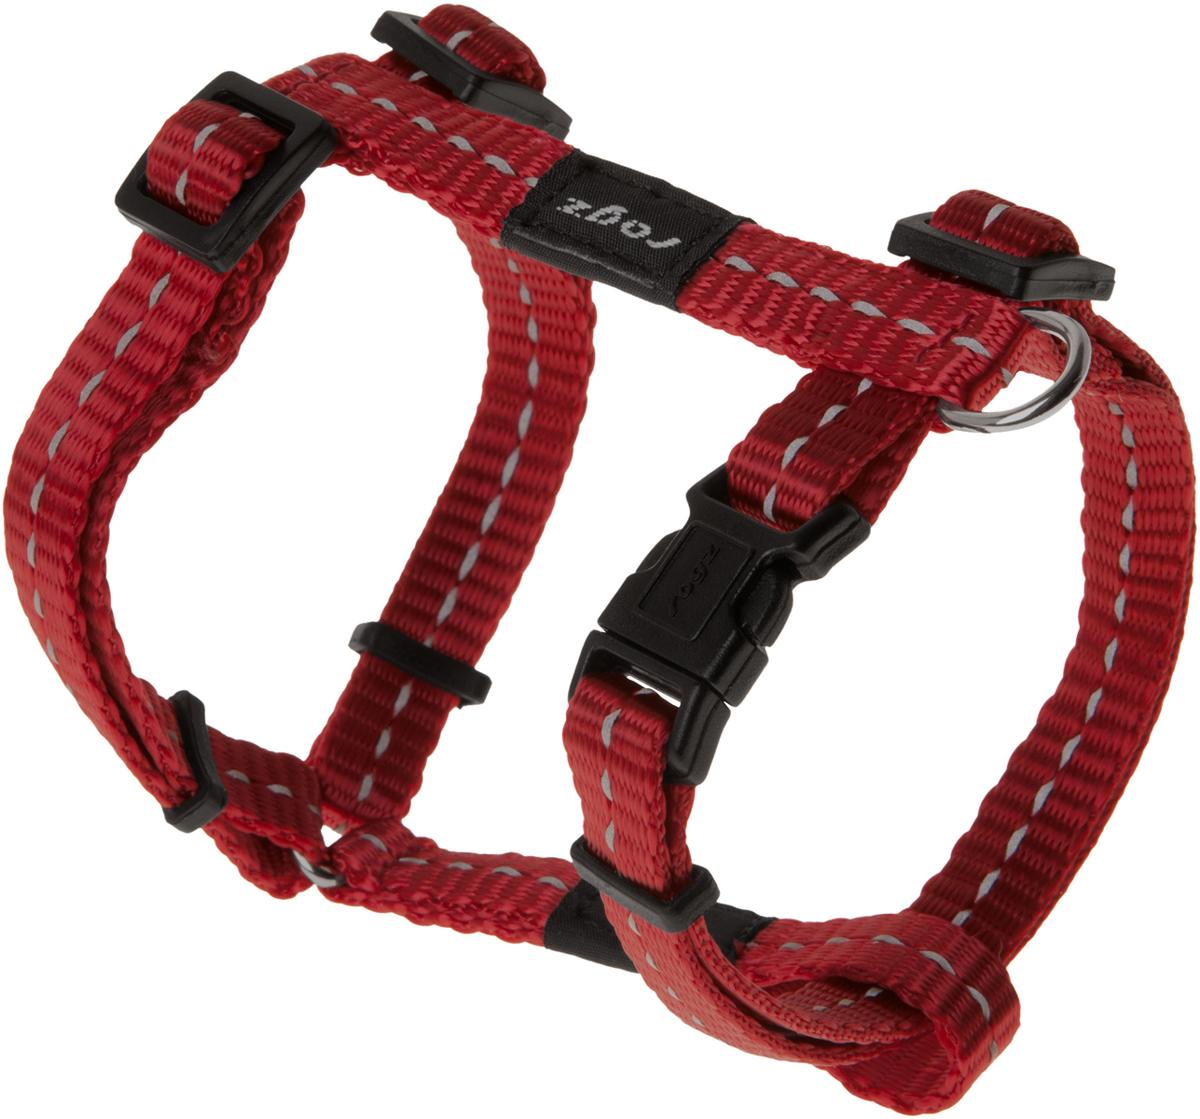 Шлейка для собак Rogz  Utility , цвет: красный, ширина 1,1 см. Размер S - Товары для прогулки и дрессировки (амуниция)